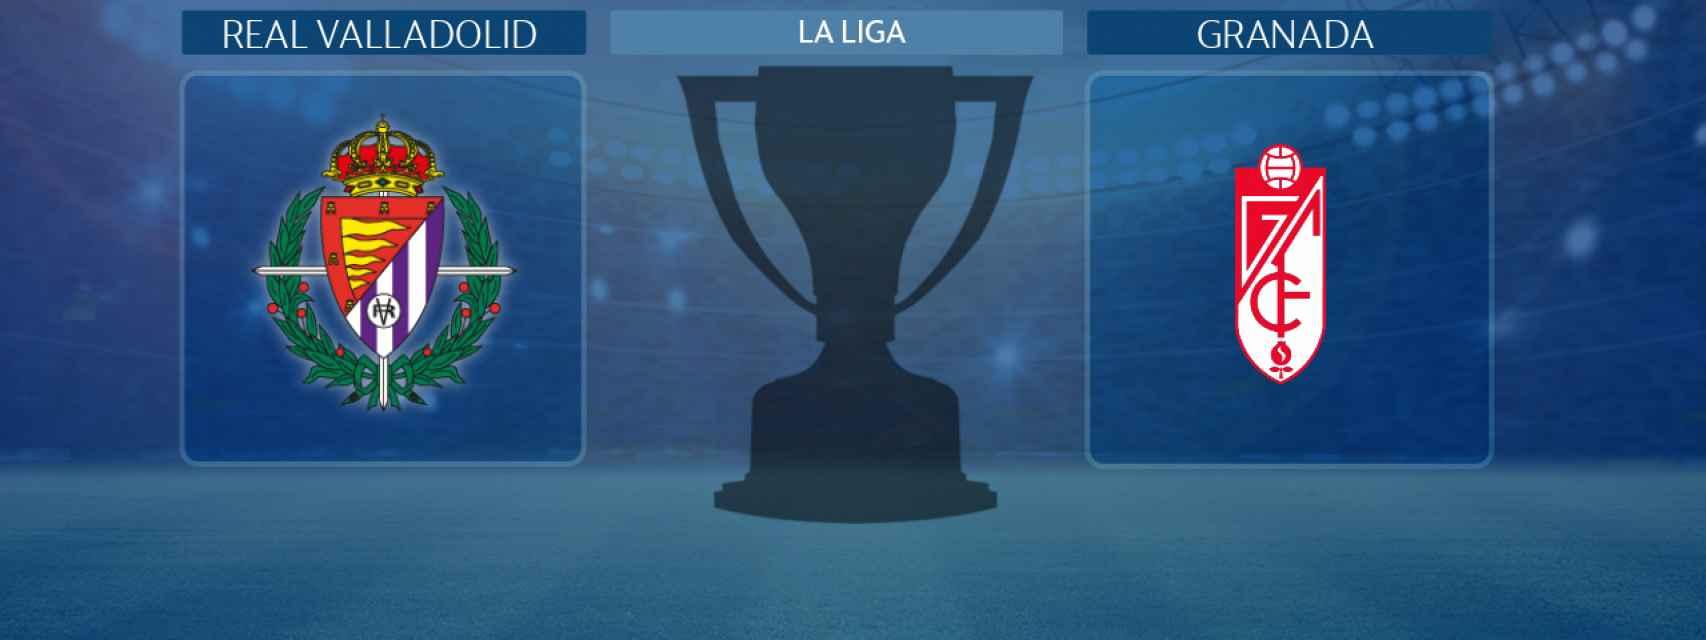 Real Valladolid - Granada, partido de La Liga